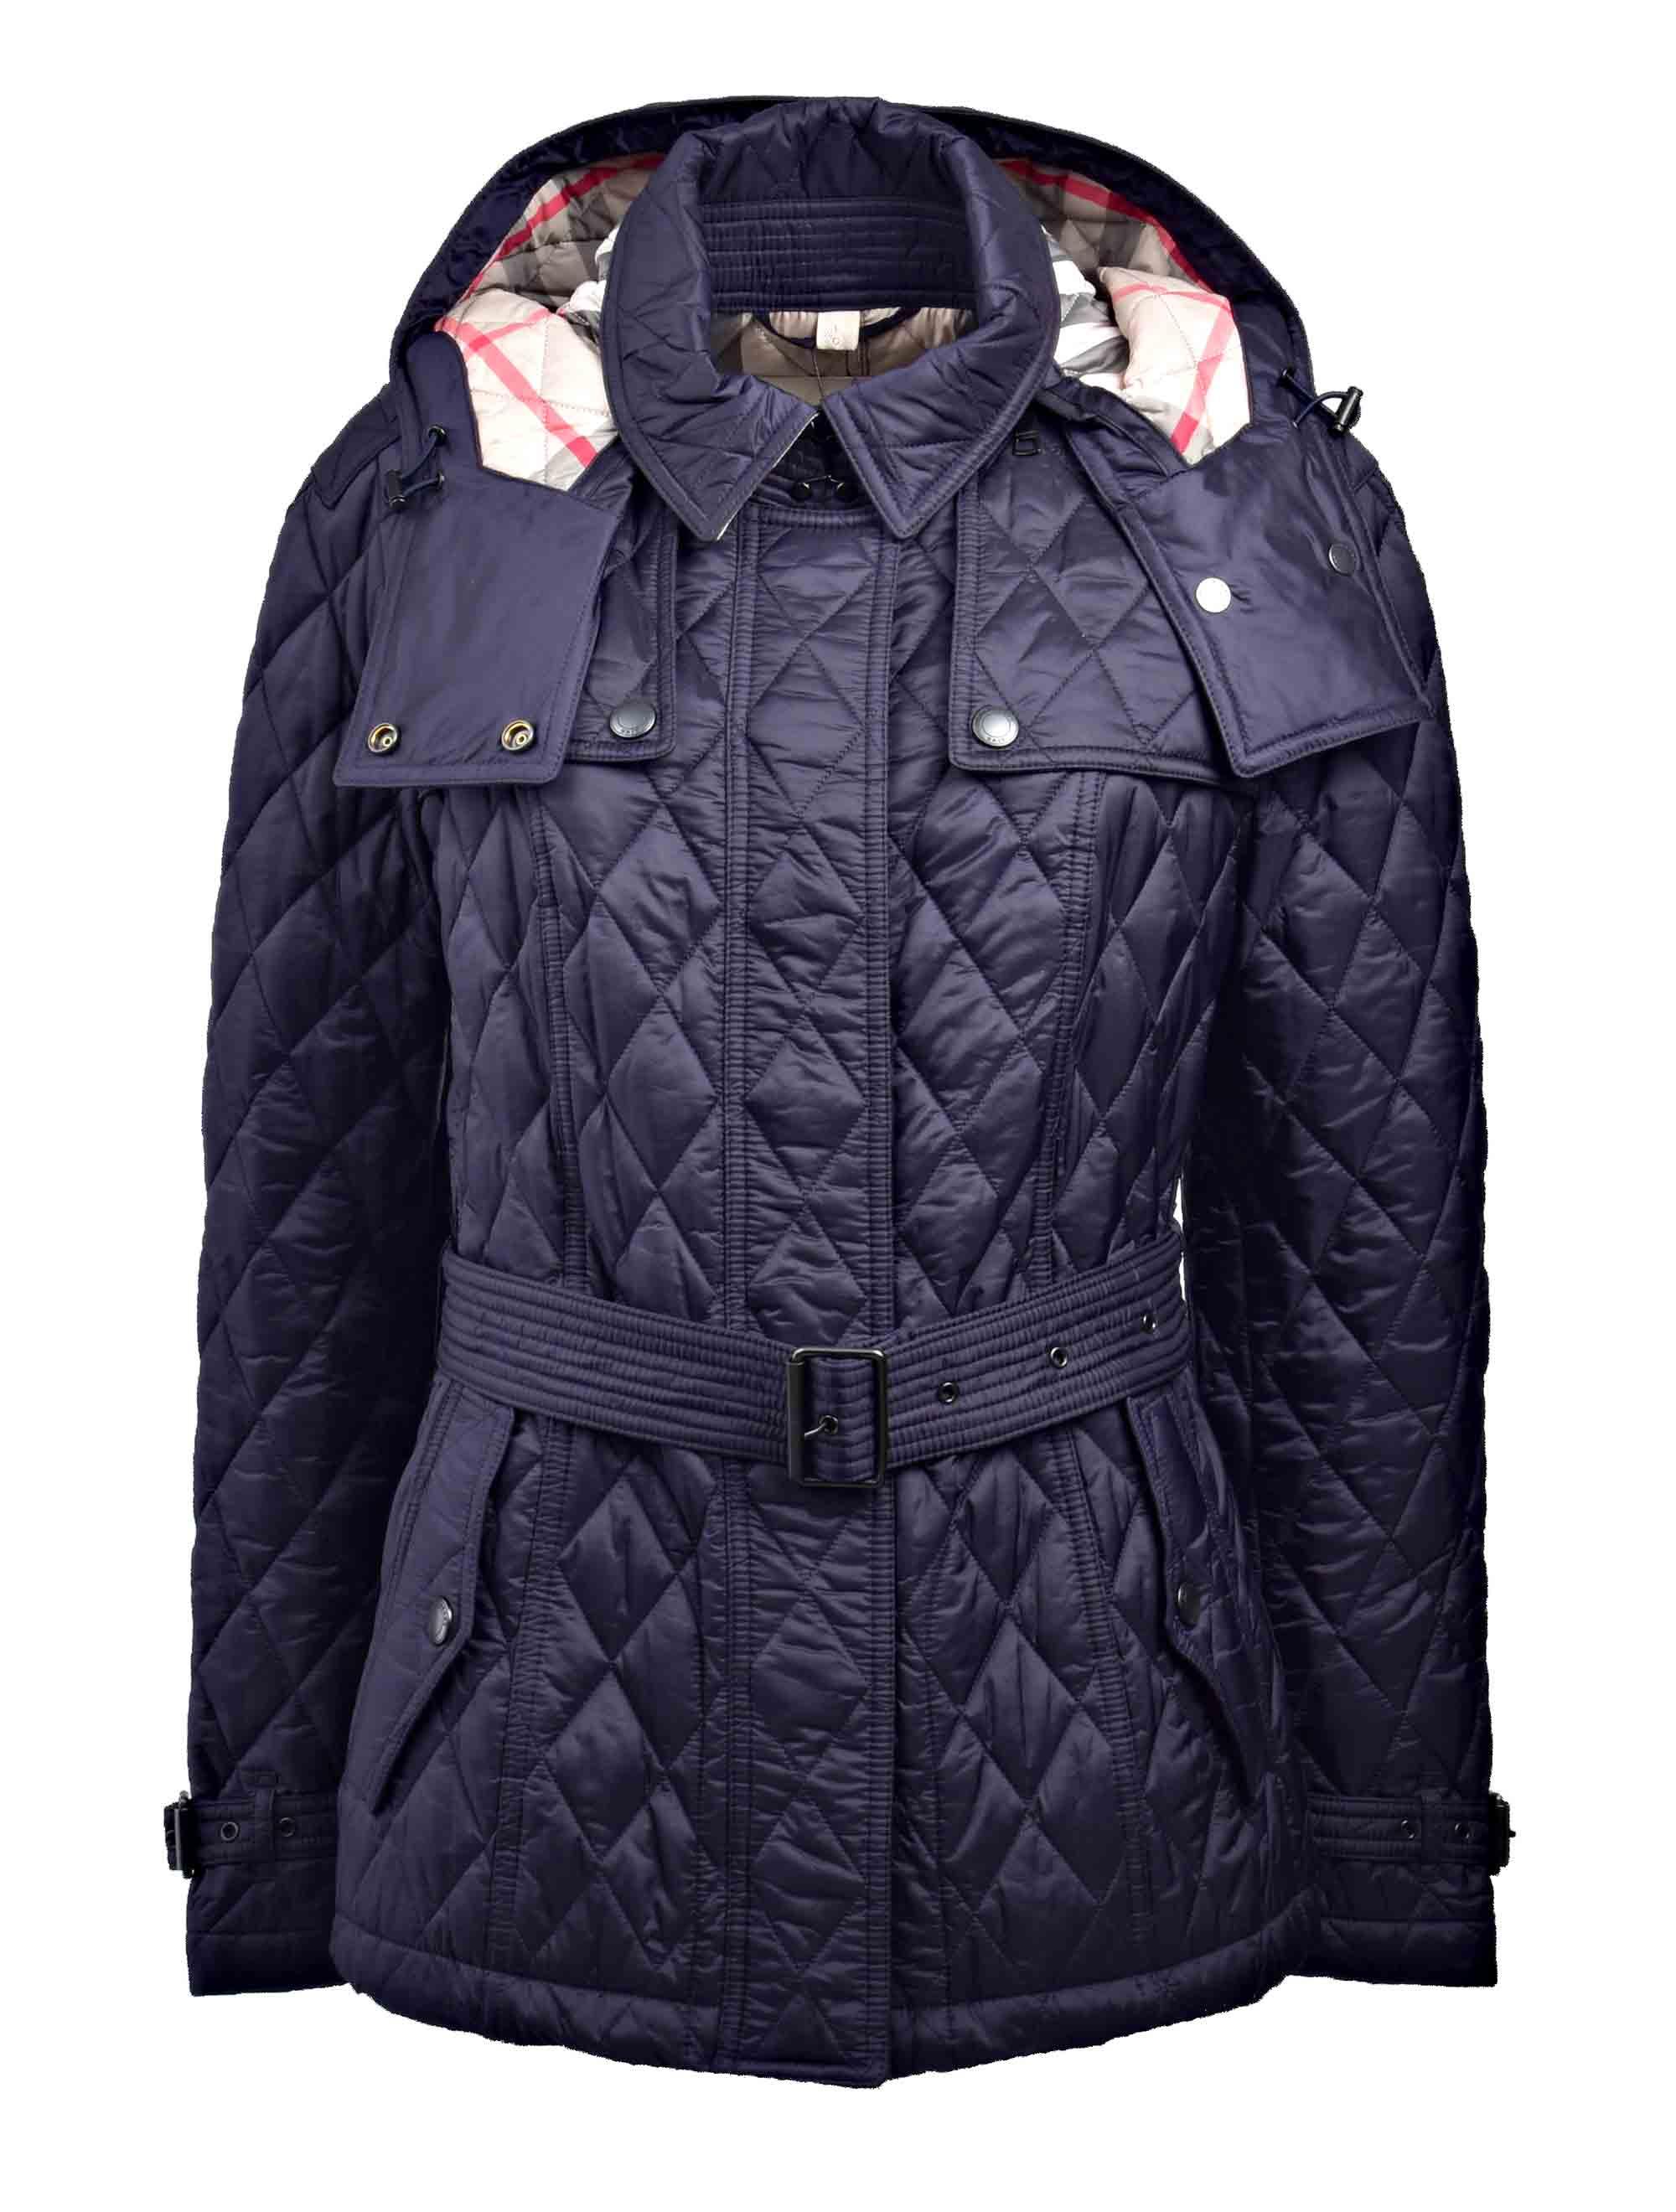 Burberry Shortsfinsbridge Jacket